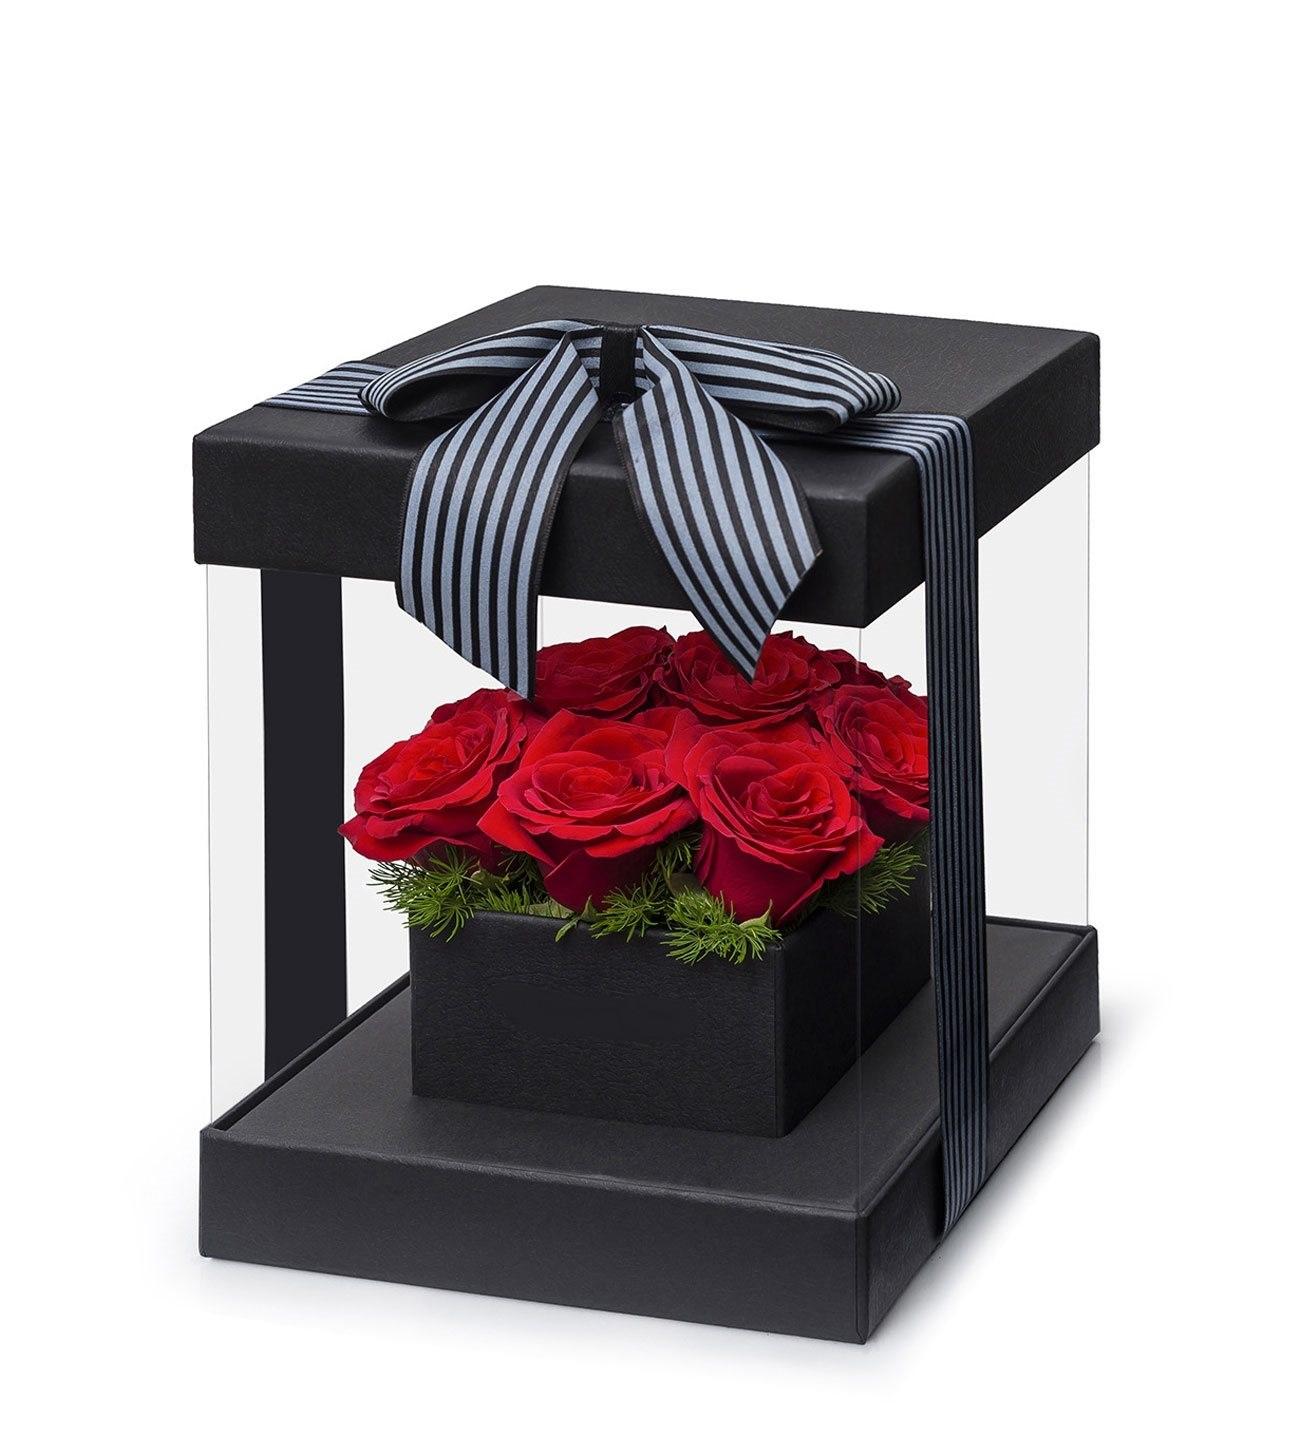 Özel tasarım kutuda 9 Kırmızı Gül